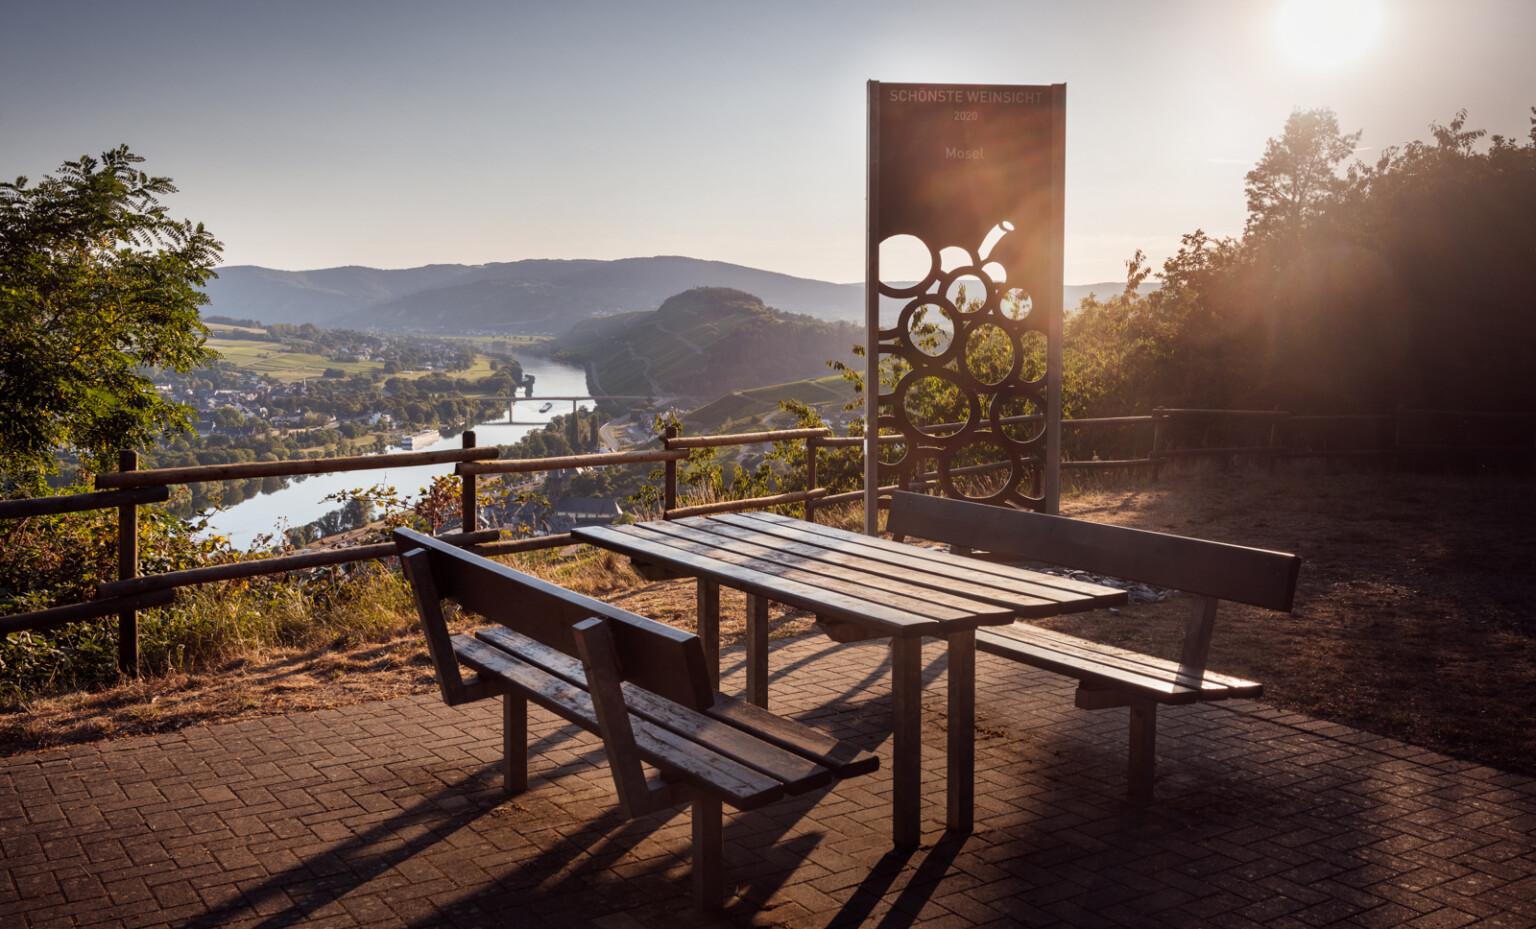 Sitzgruppe und Stele Schönste Weinsicht 2020 Mosel und Moseltal im Hintergrund